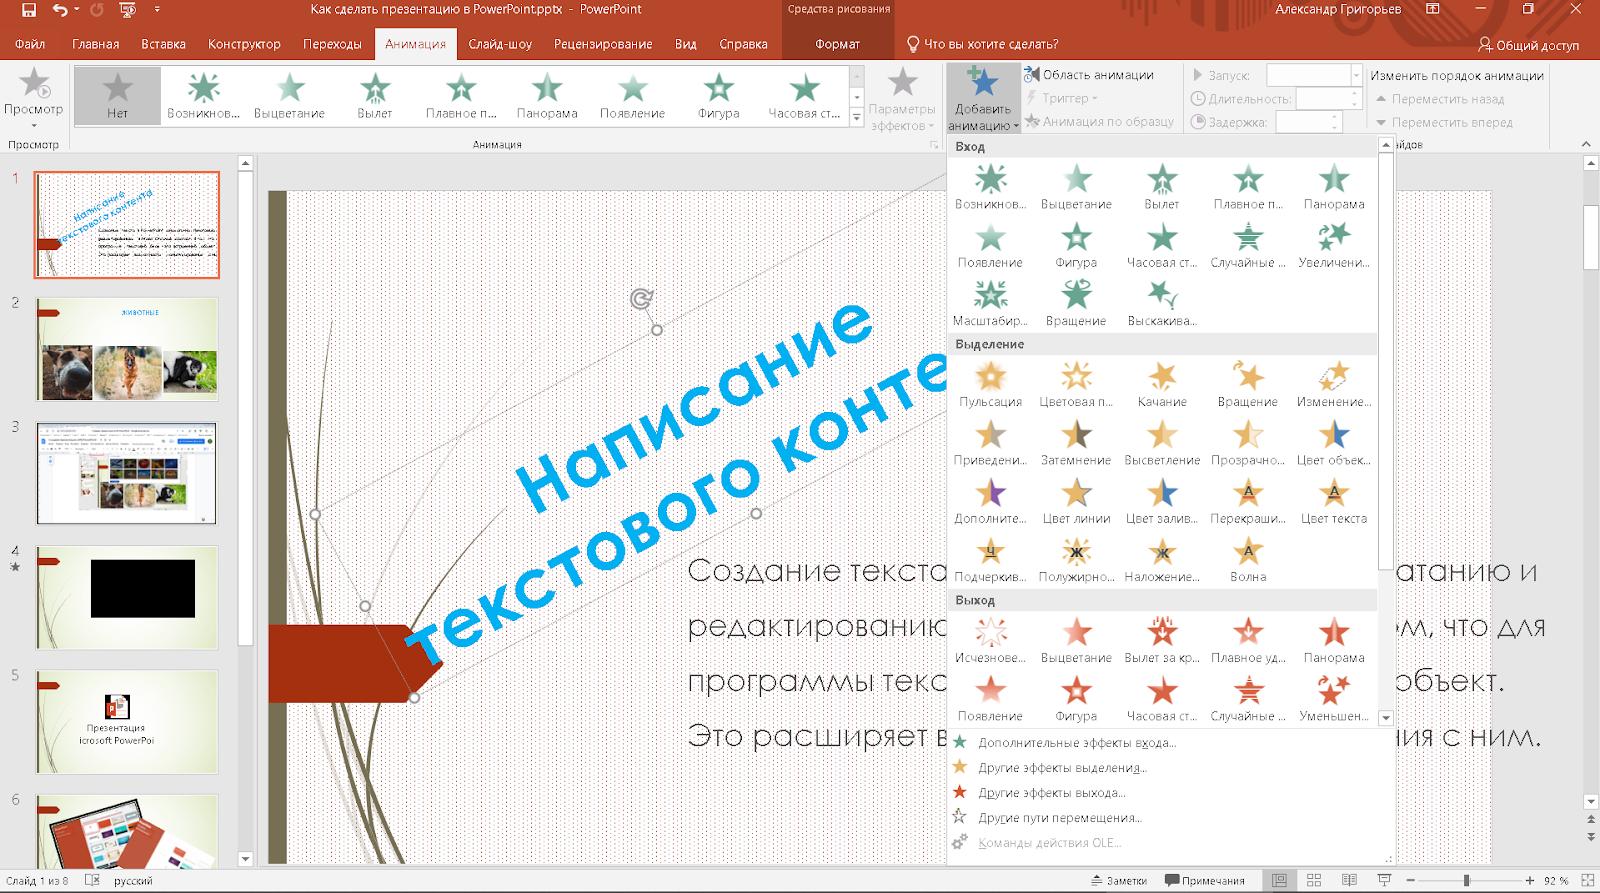 добавляем спецэффекты для перелистывания слайдов в презентации